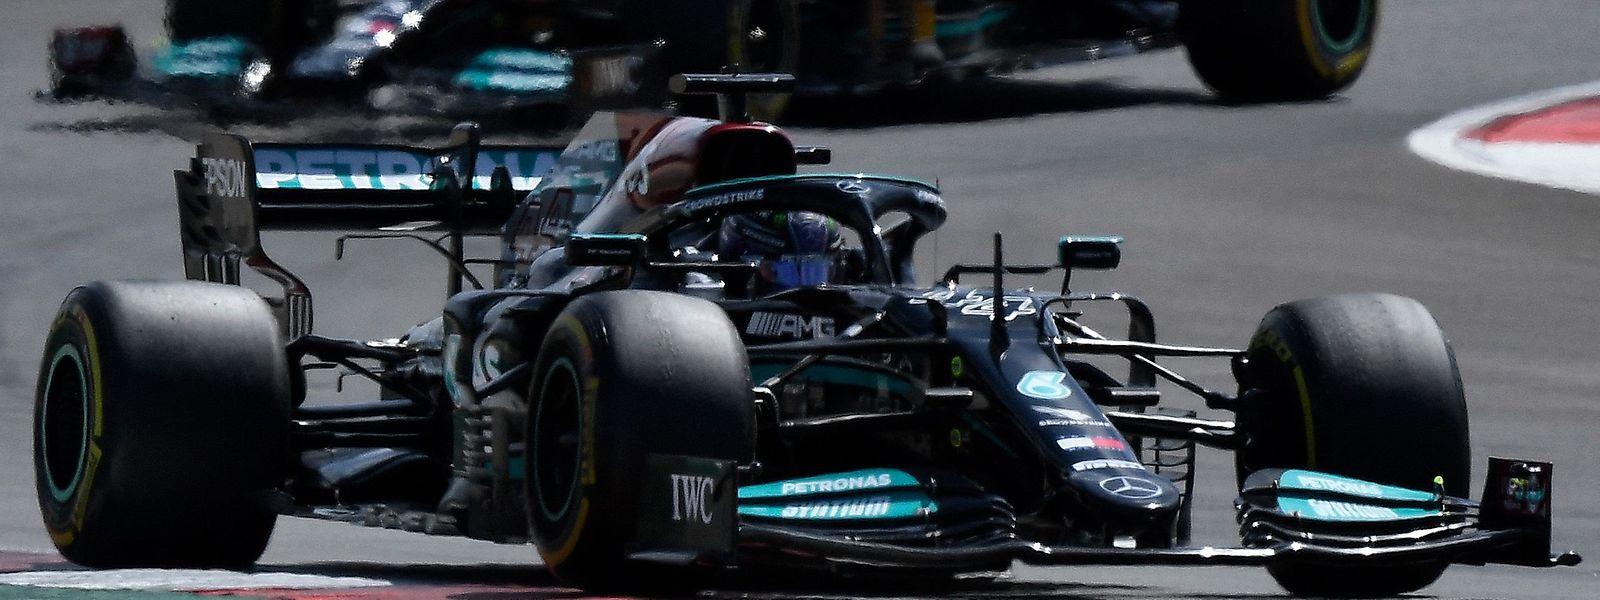 Sieg Nummer zwei für Lewis Hamilton im dritten Saisonrennen.